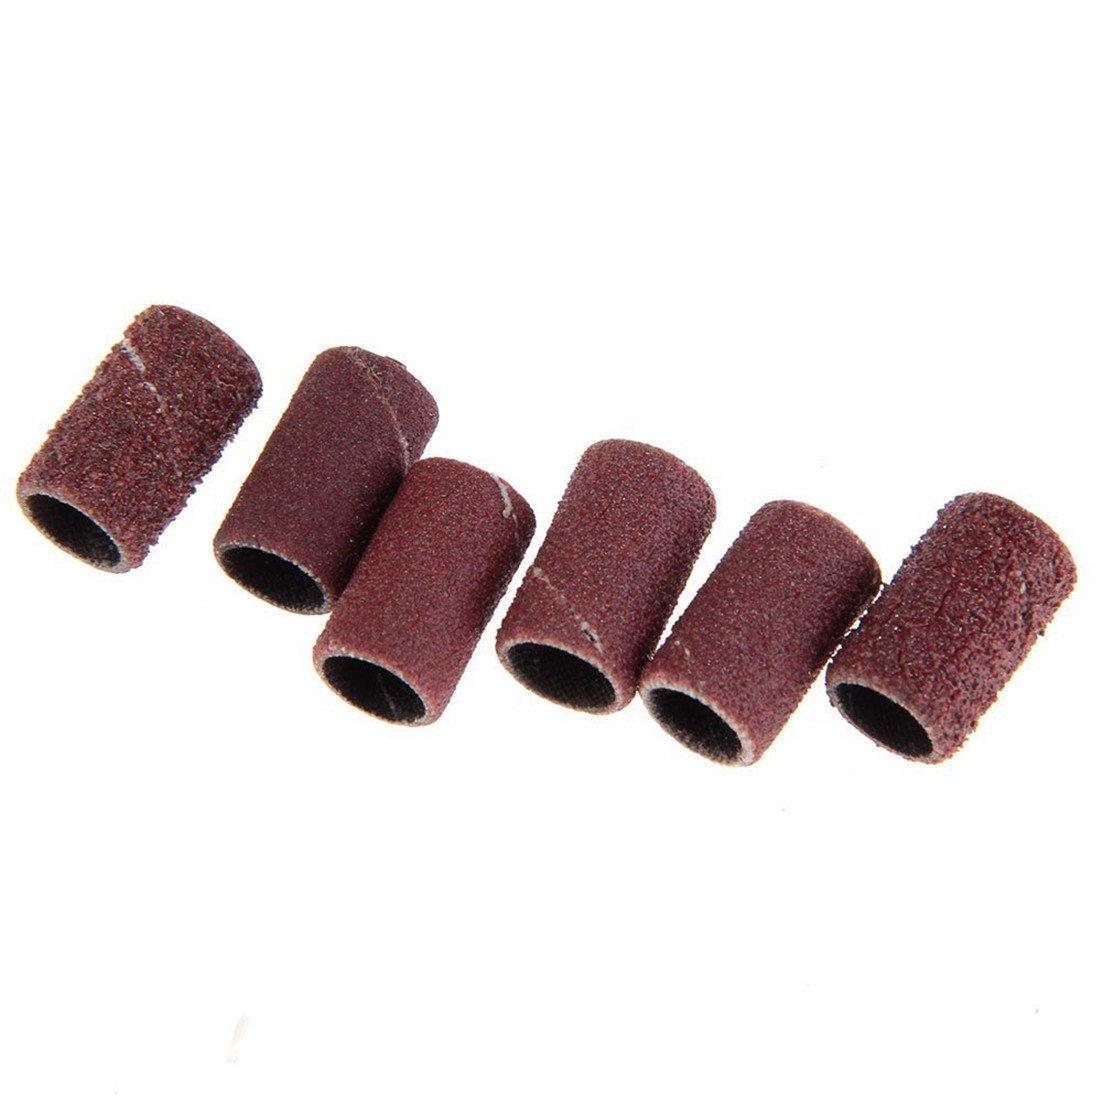 6 PC Manicure Pedicure Stücke Diamant-Nagelfeile setzt die ...